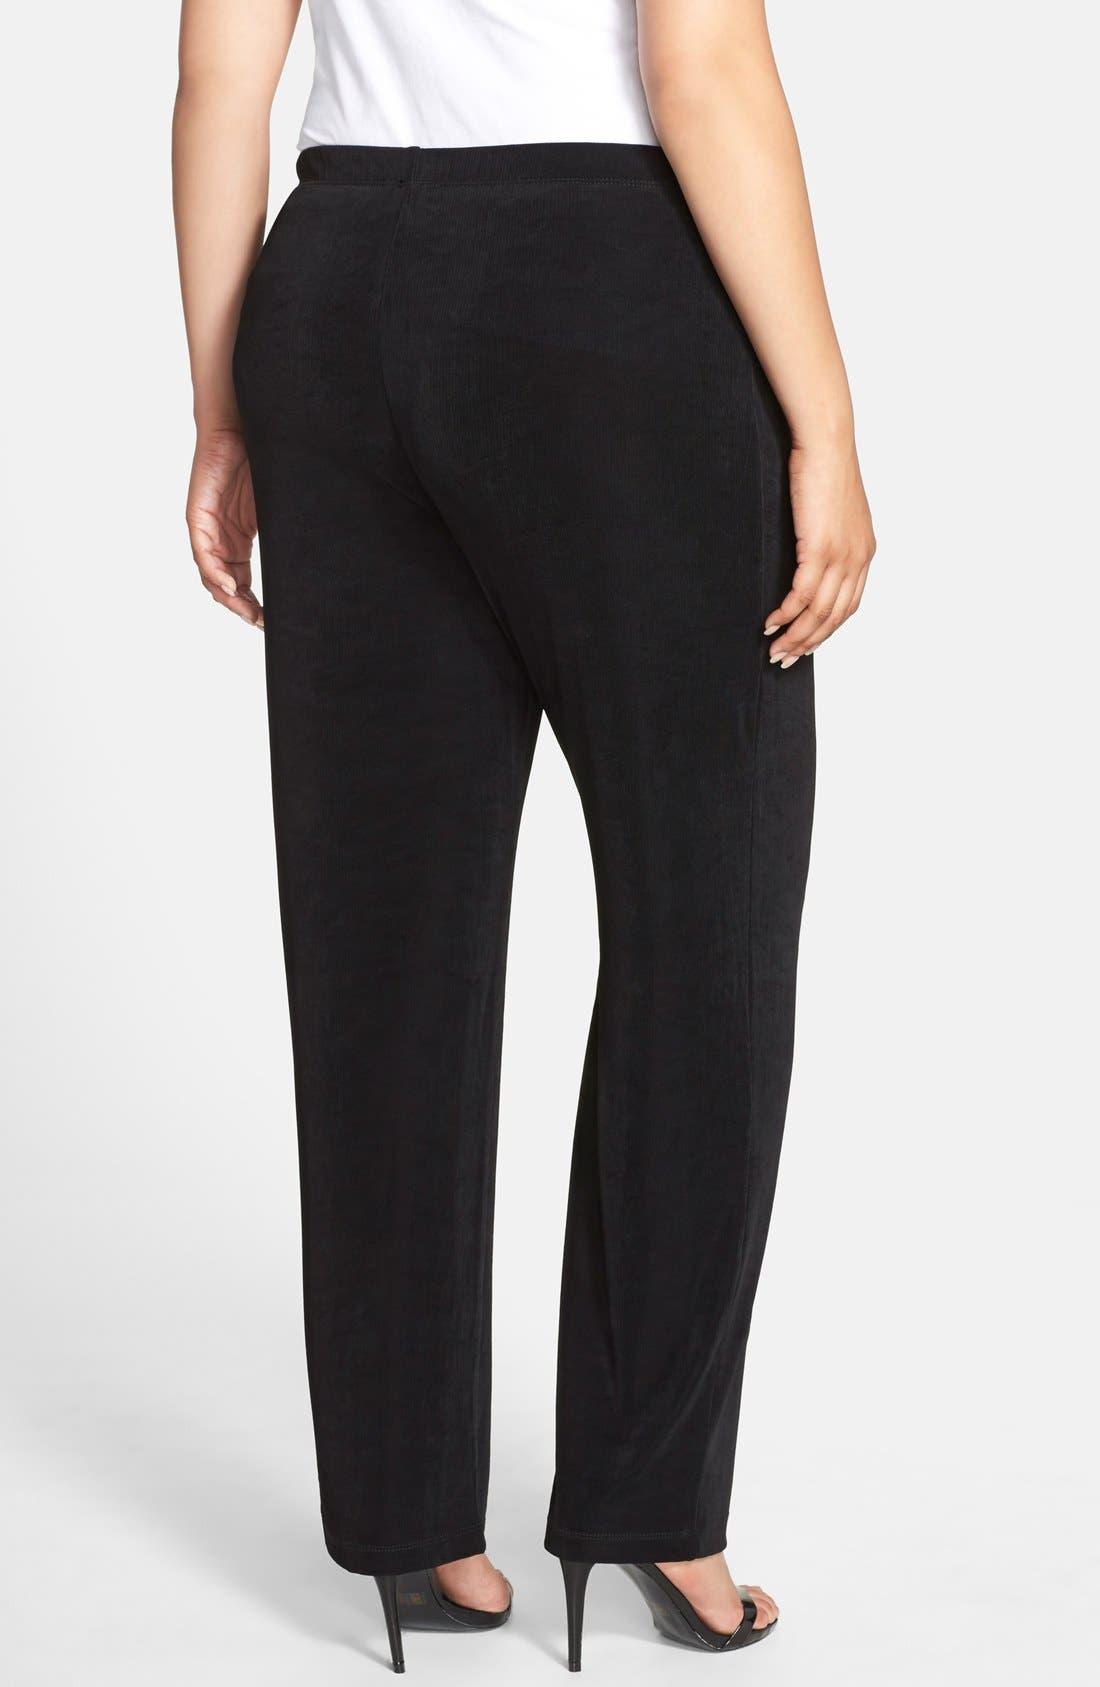 VIKKI VI, High Rise Pull-On Pants, Alternate thumbnail 2, color, BLACK